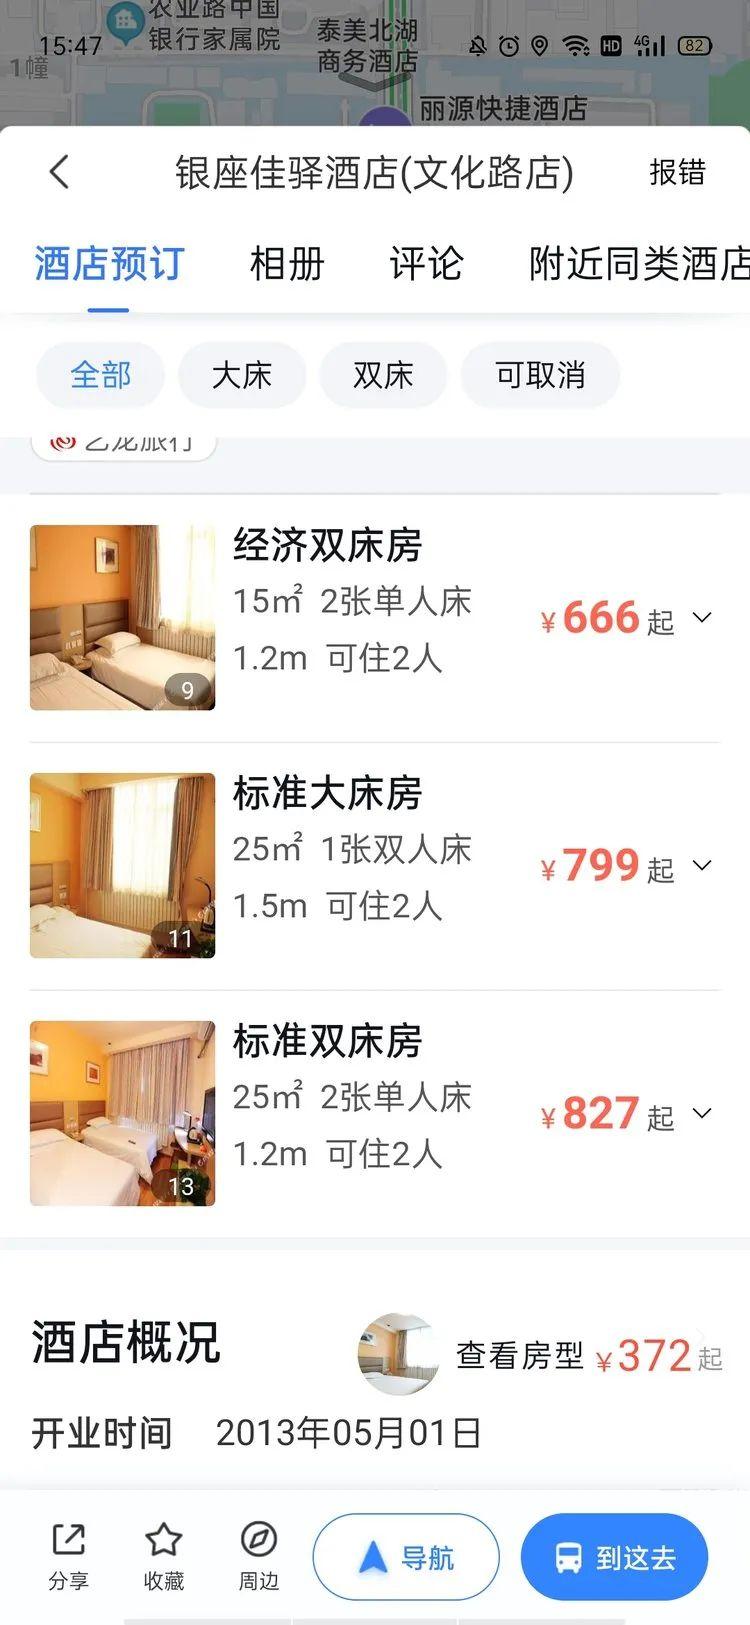 """实探:郑州高考房有酒店溢价6倍多 再过3天或将""""一房难求"""""""